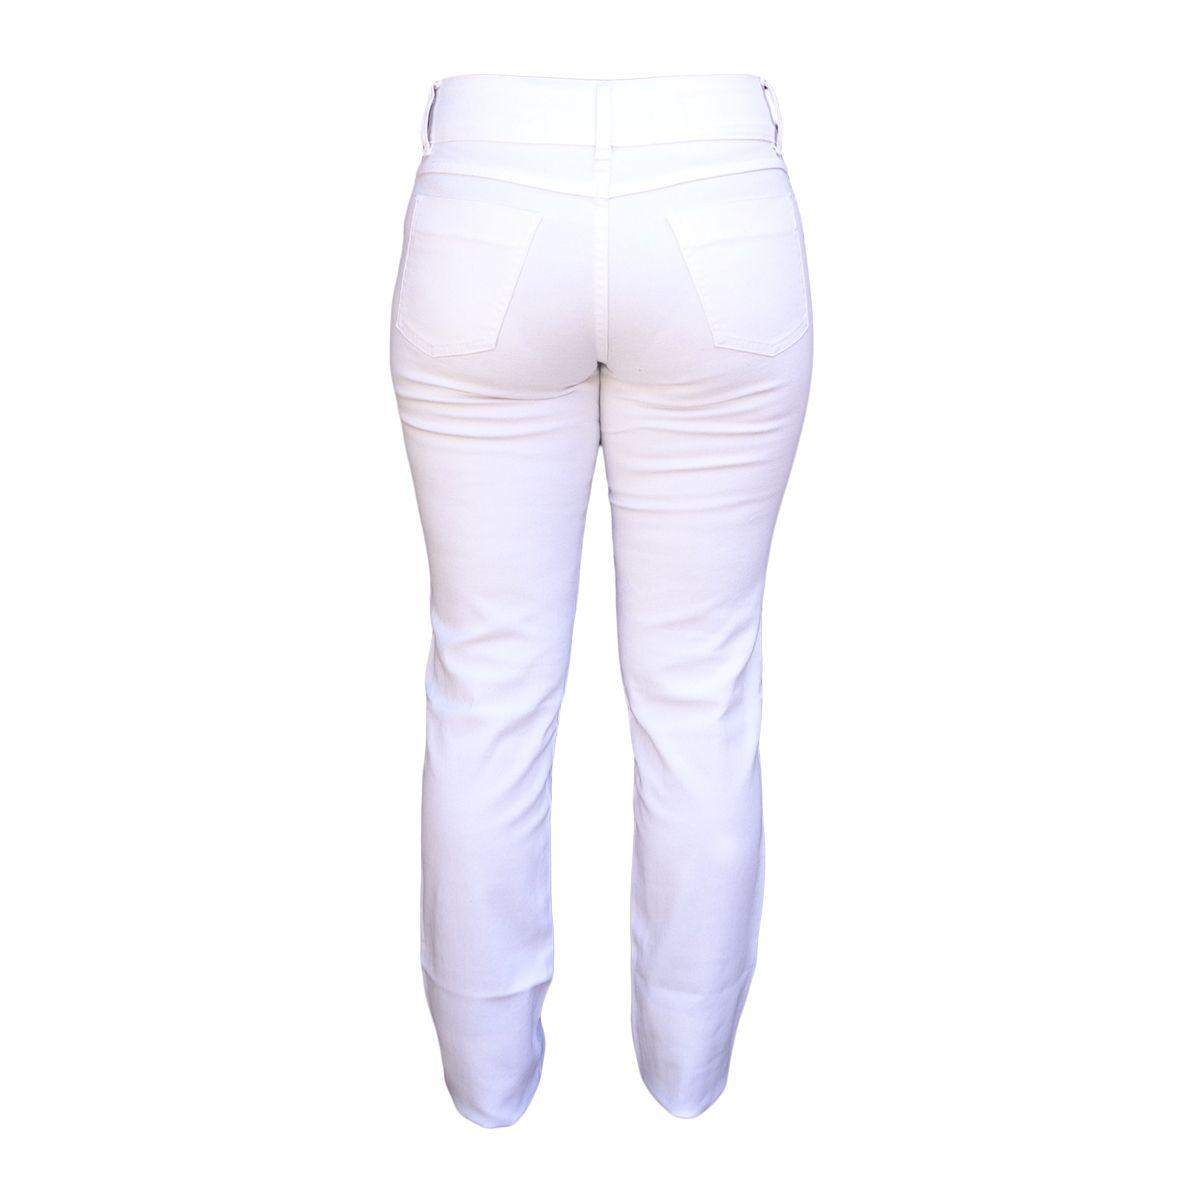 Calça Feminina Branca Cintura Média Tamanho 46